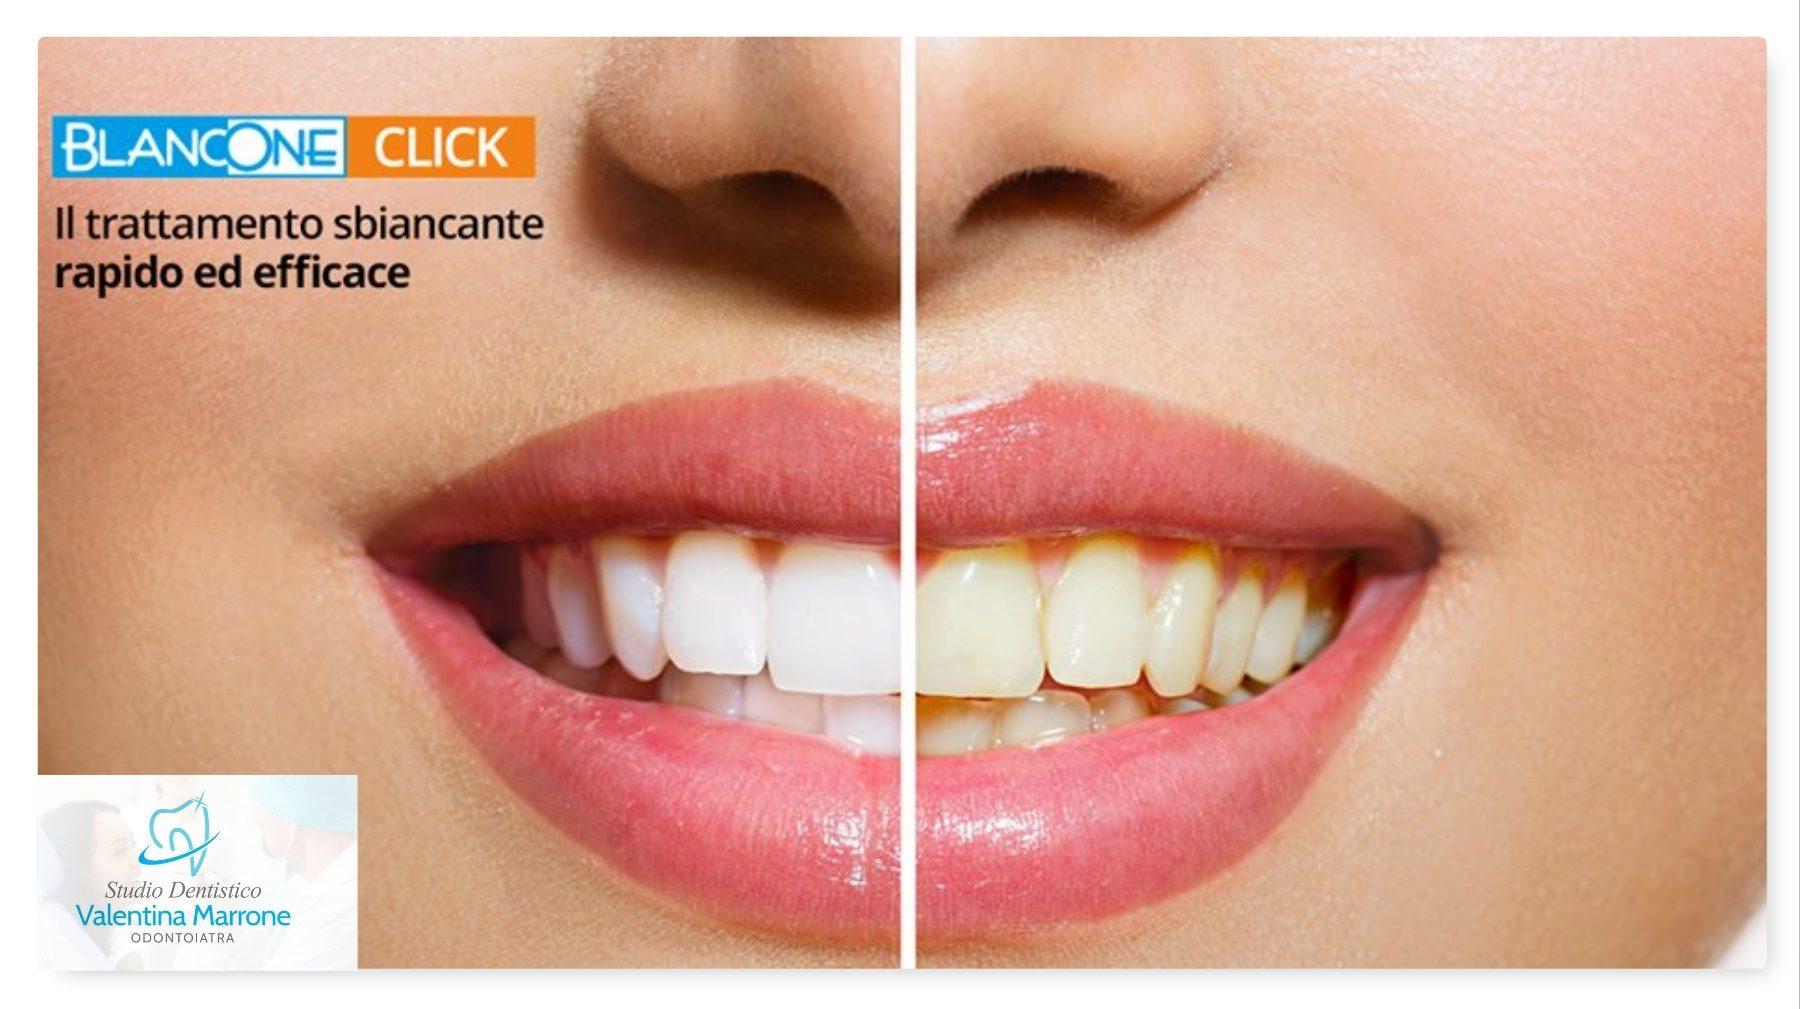 BlancOne il trattamento sbiancante sicuri che rispetta i tuoi denti